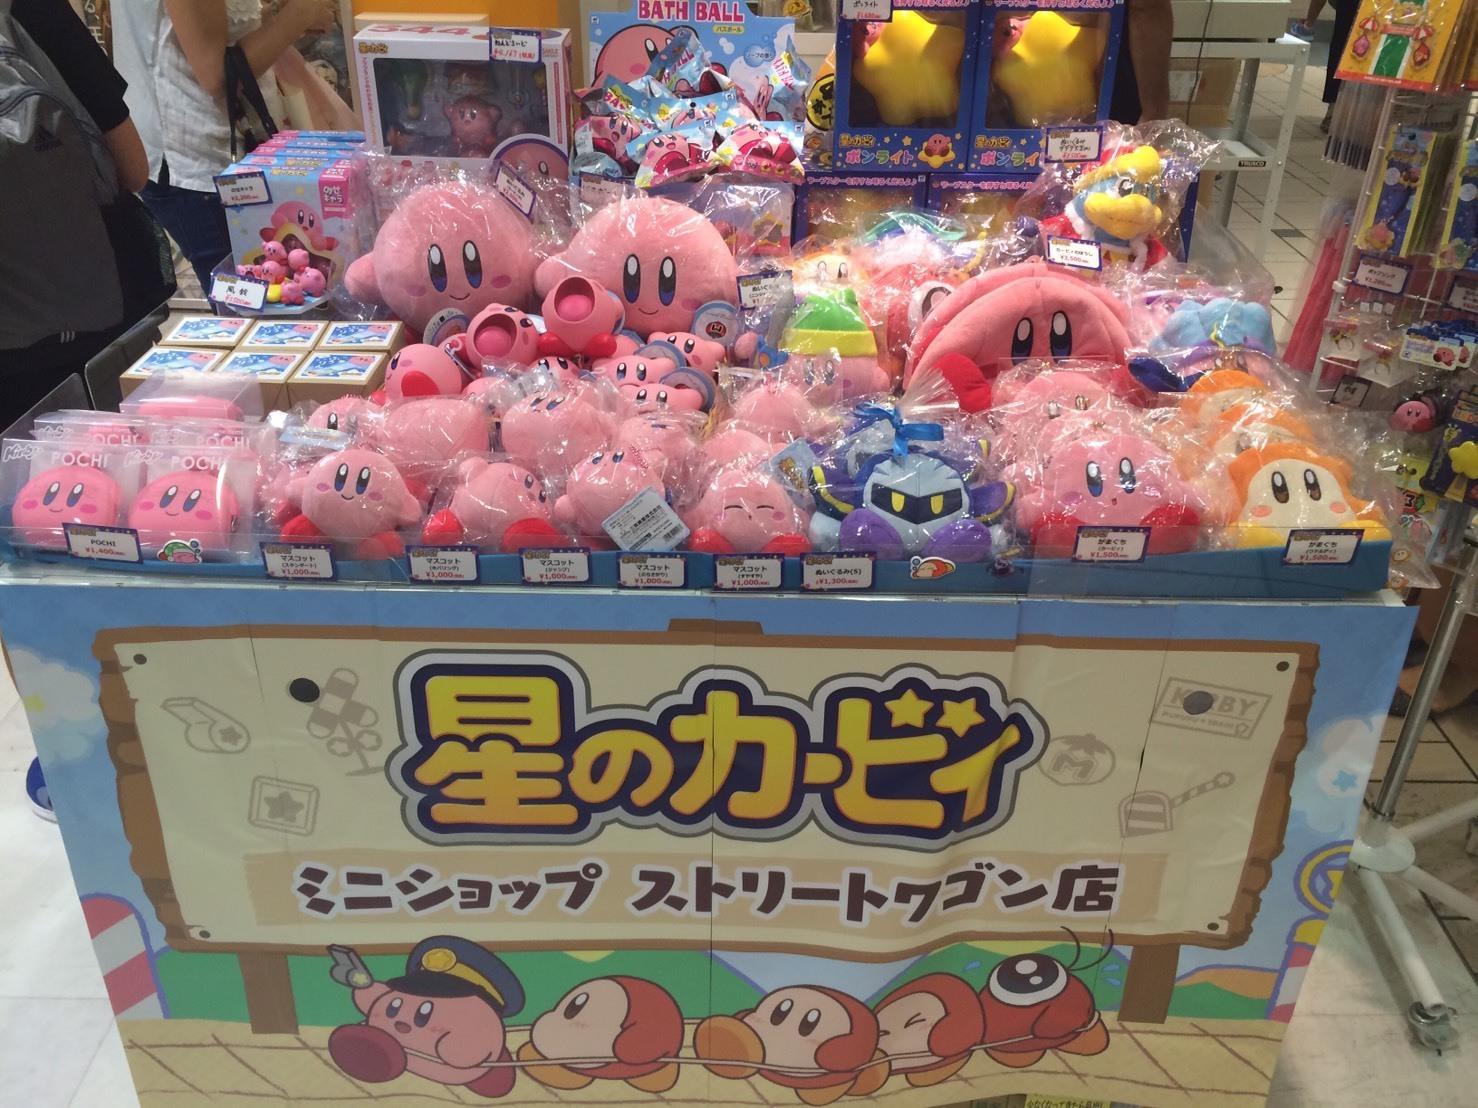 TBSストア東京駅店では星のカービィのグッズコーナーを拡大しました! 8月6日のアフター販売に向けて、東京駅店はカービィ色に染まっていきます。